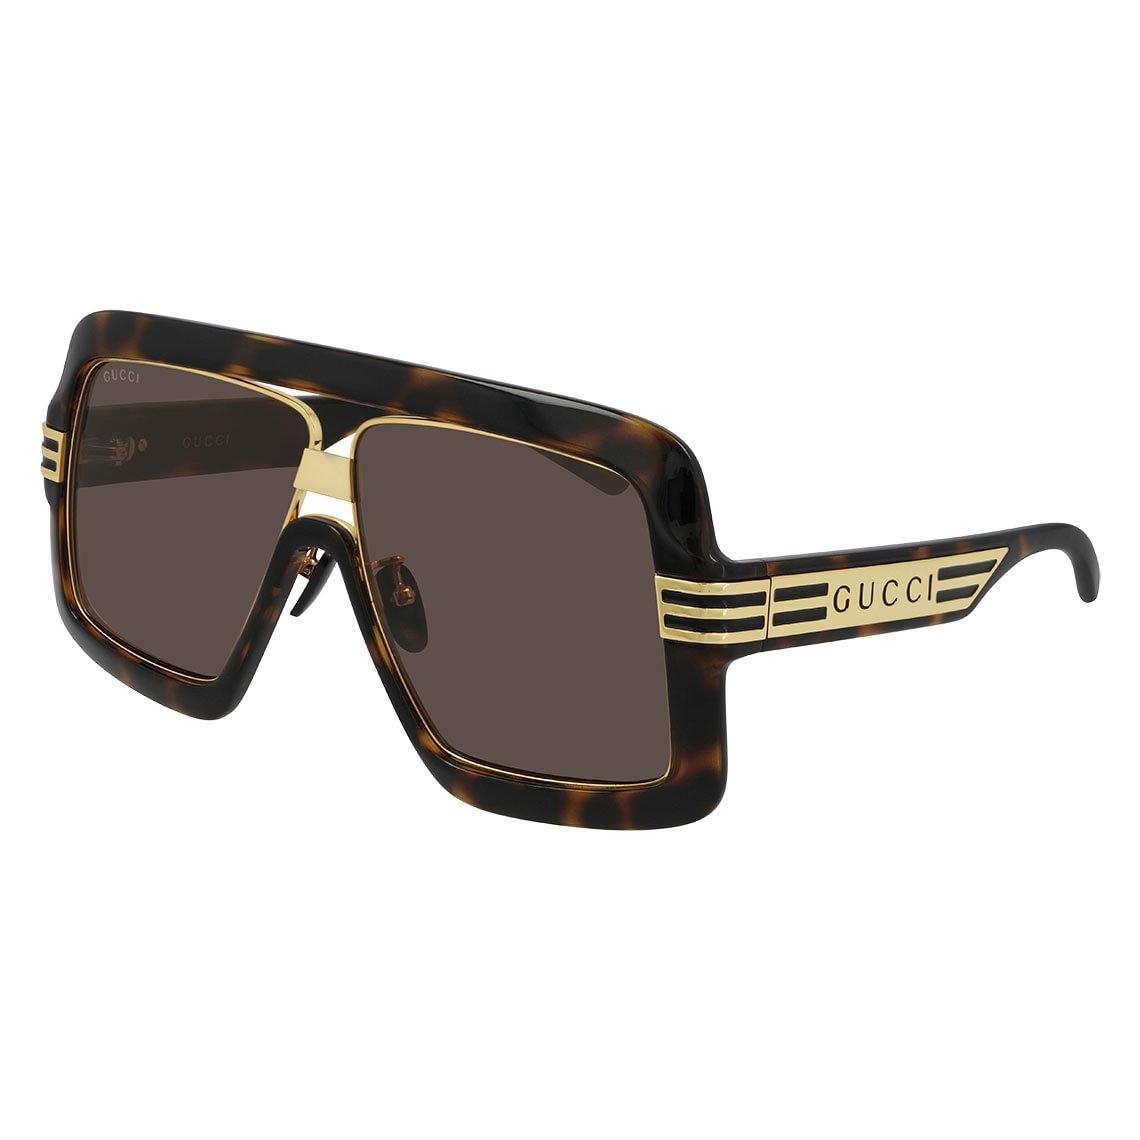 Gucci GG0900S 002 609